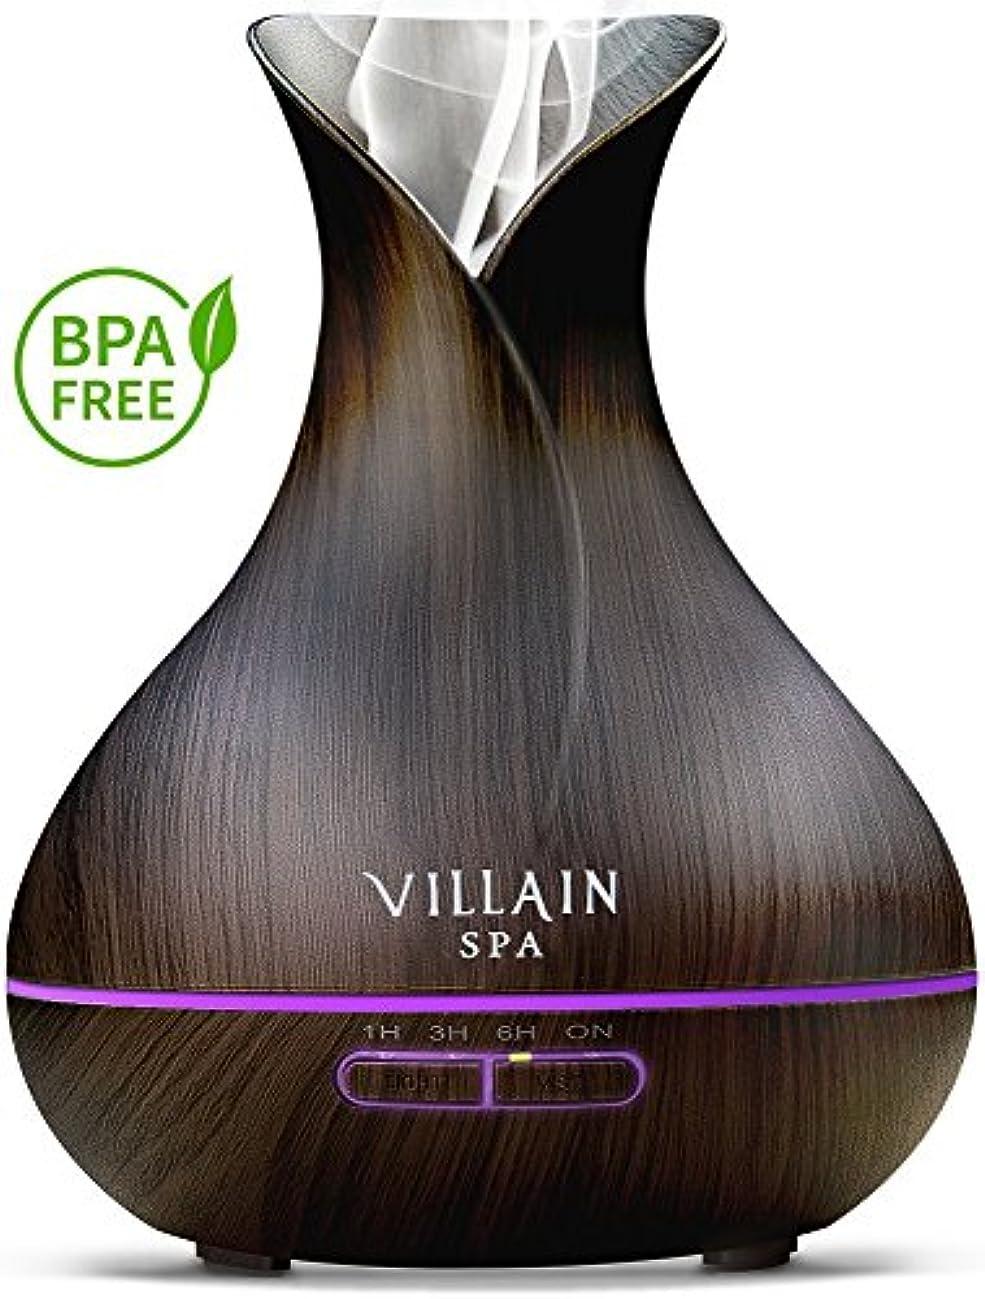 牛肉ピザ悪性腫瘍Villain Spa超音波アロマエッセンシャルオイルディフューザー、400 ml木目クールミスト加湿器with 7 LEDライトの色変更、ミストコントロール、自動オフ、8 - 12 HR。ミスト